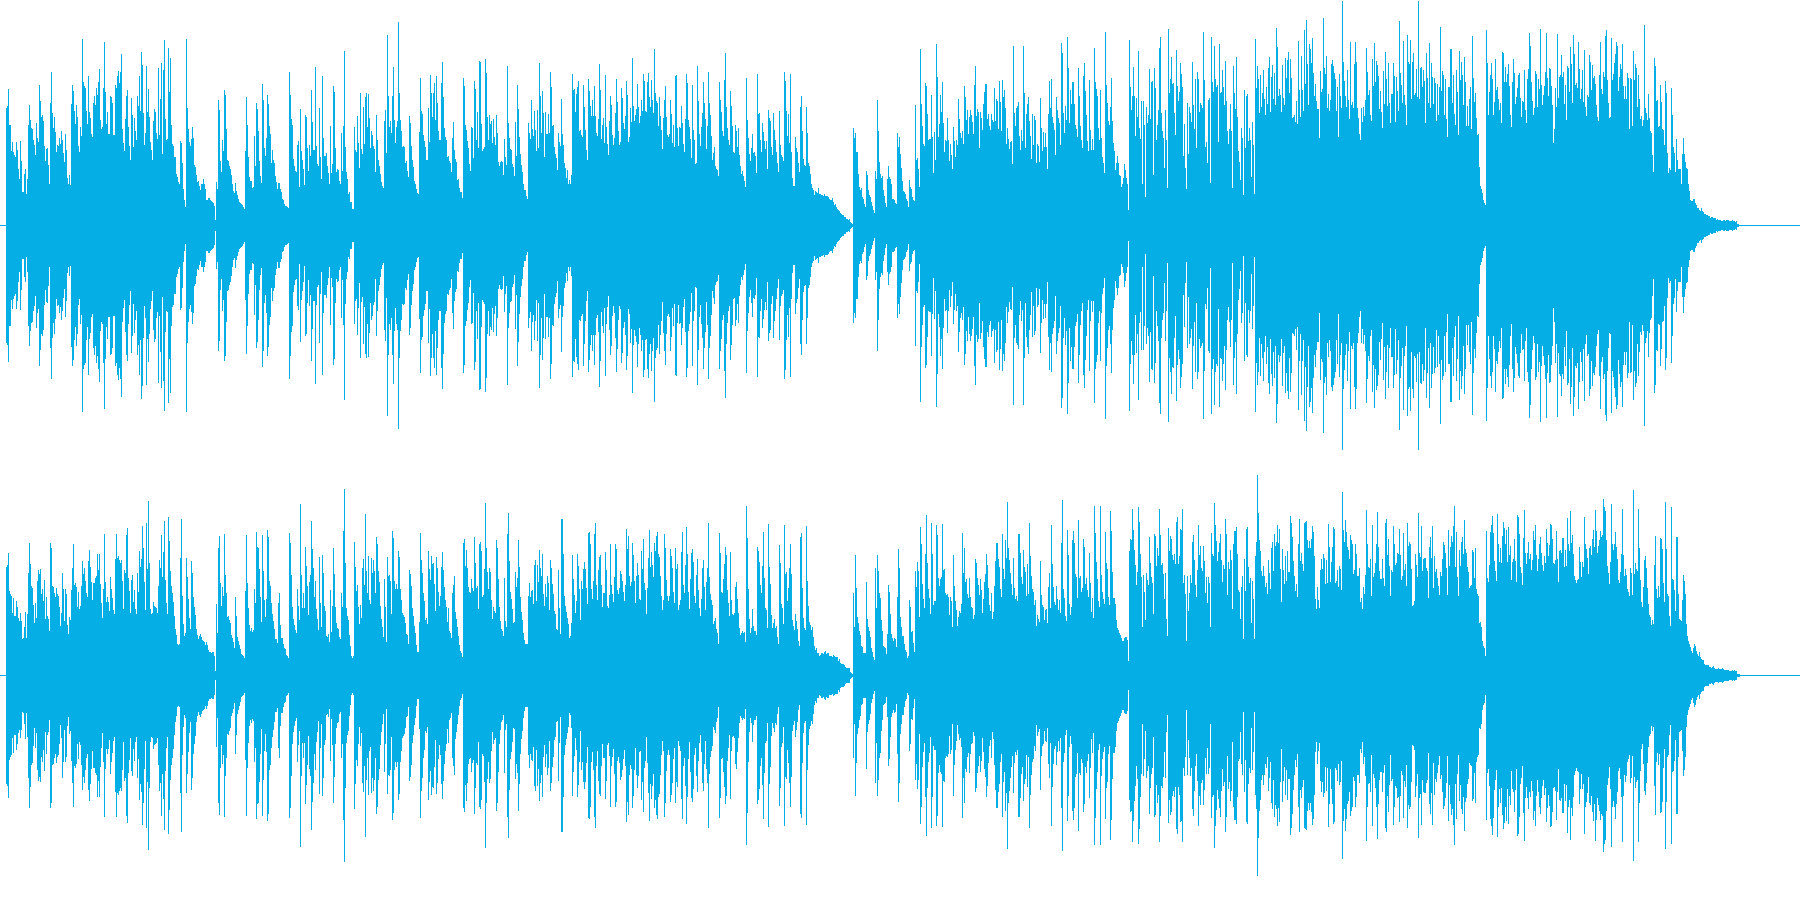 しっとり且つスケール感のあるピアノ曲の再生済みの波形